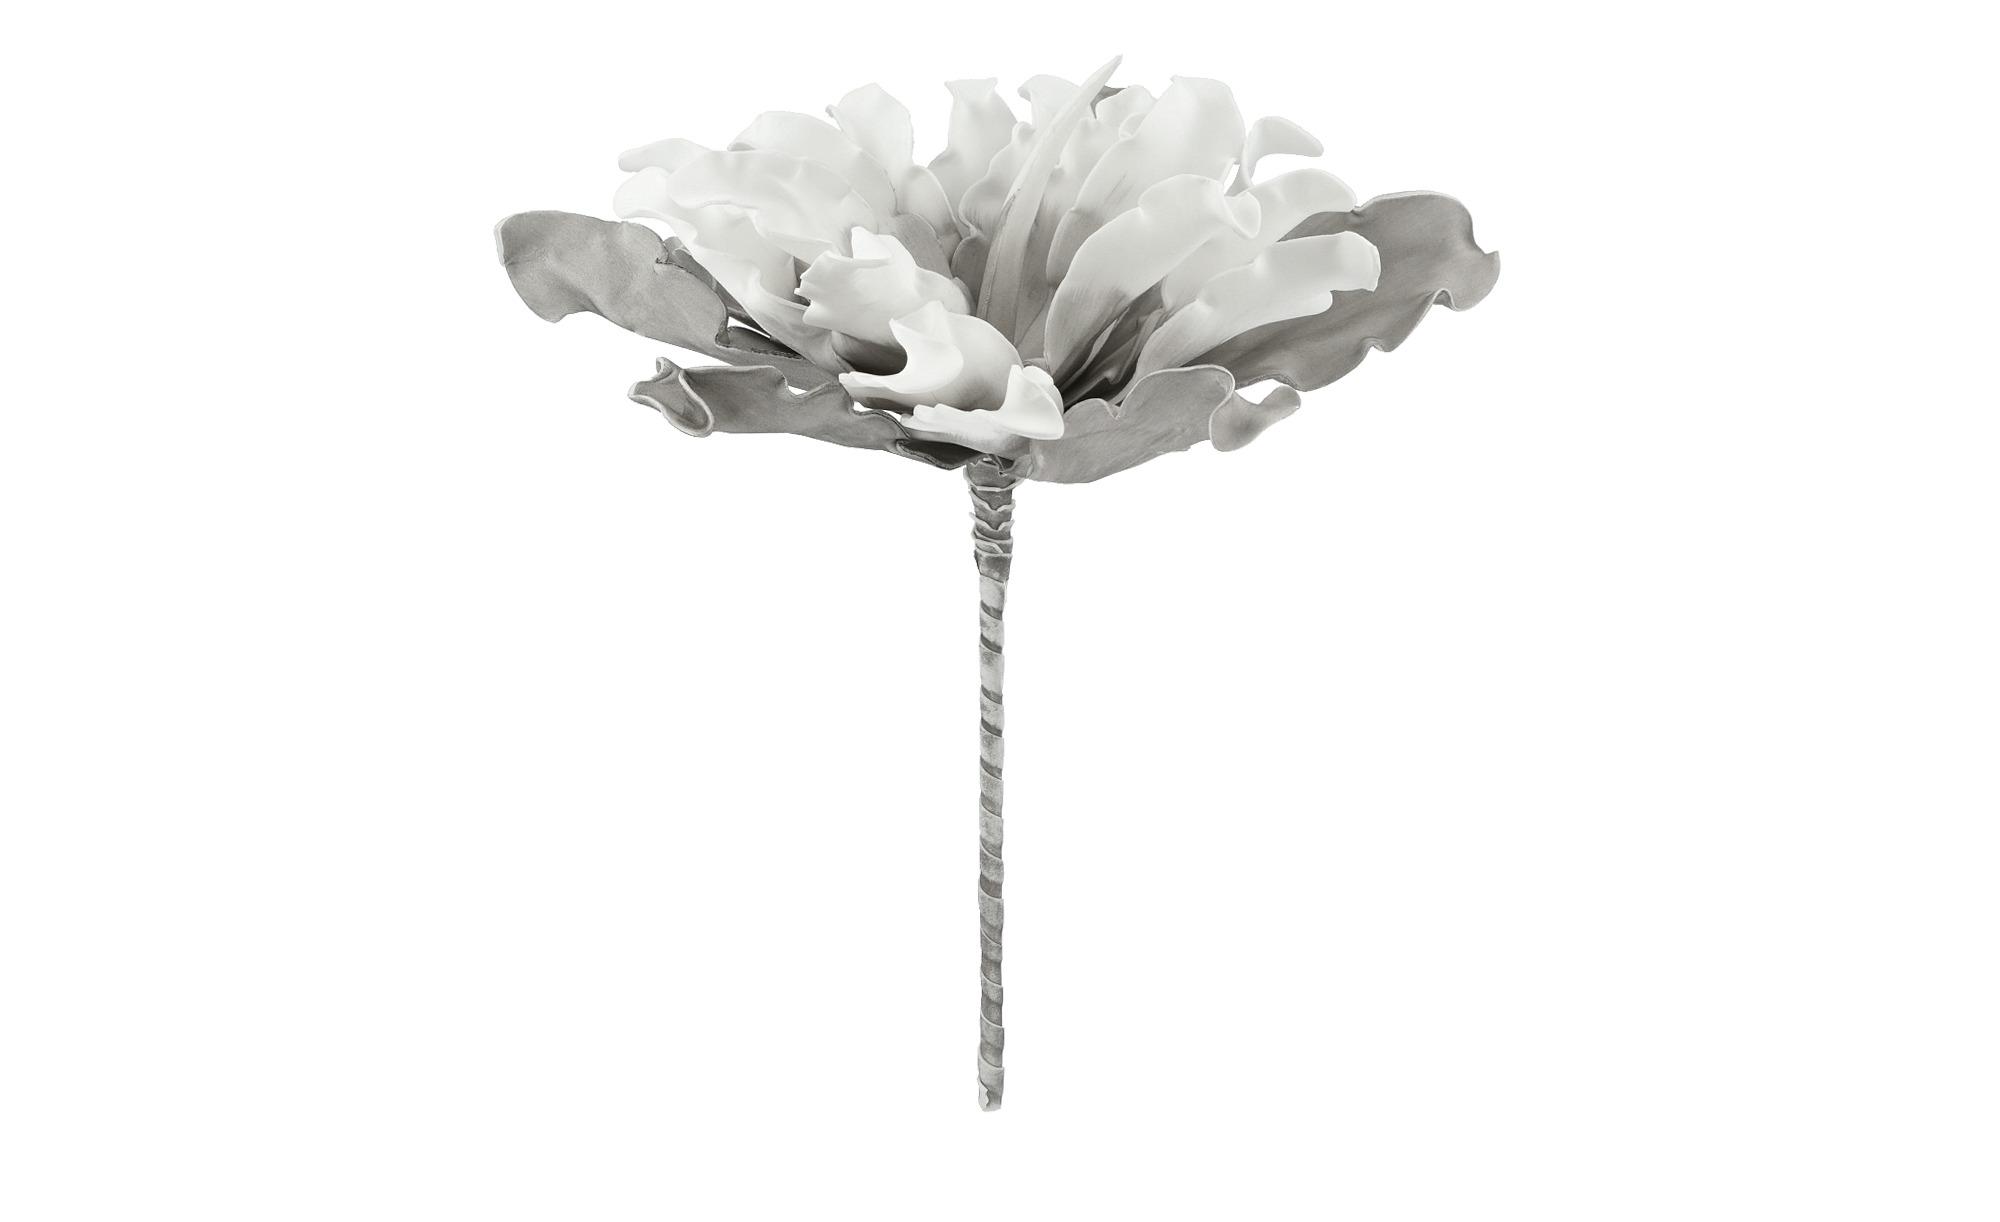 künstliche Blumen-Deko Seidenblumen Protea weiß Kunstblumen